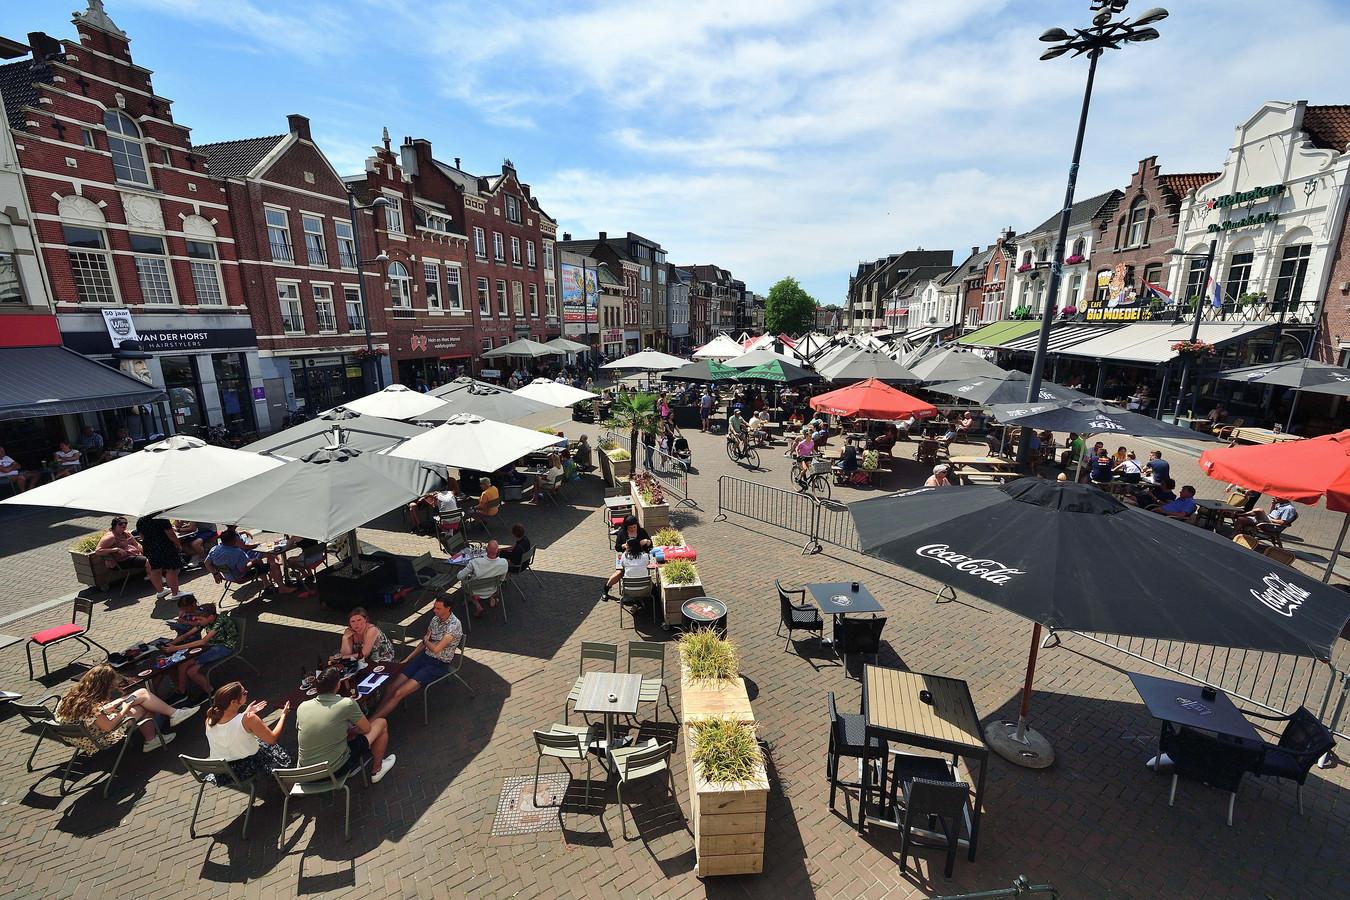 Roosendalers zullen het er waarschijnlijk niet mee eens zijn, maar volgens onderzoeksbureau Louters is de gemeente Roosendaal één van de minst aangename plekken om te wonen.